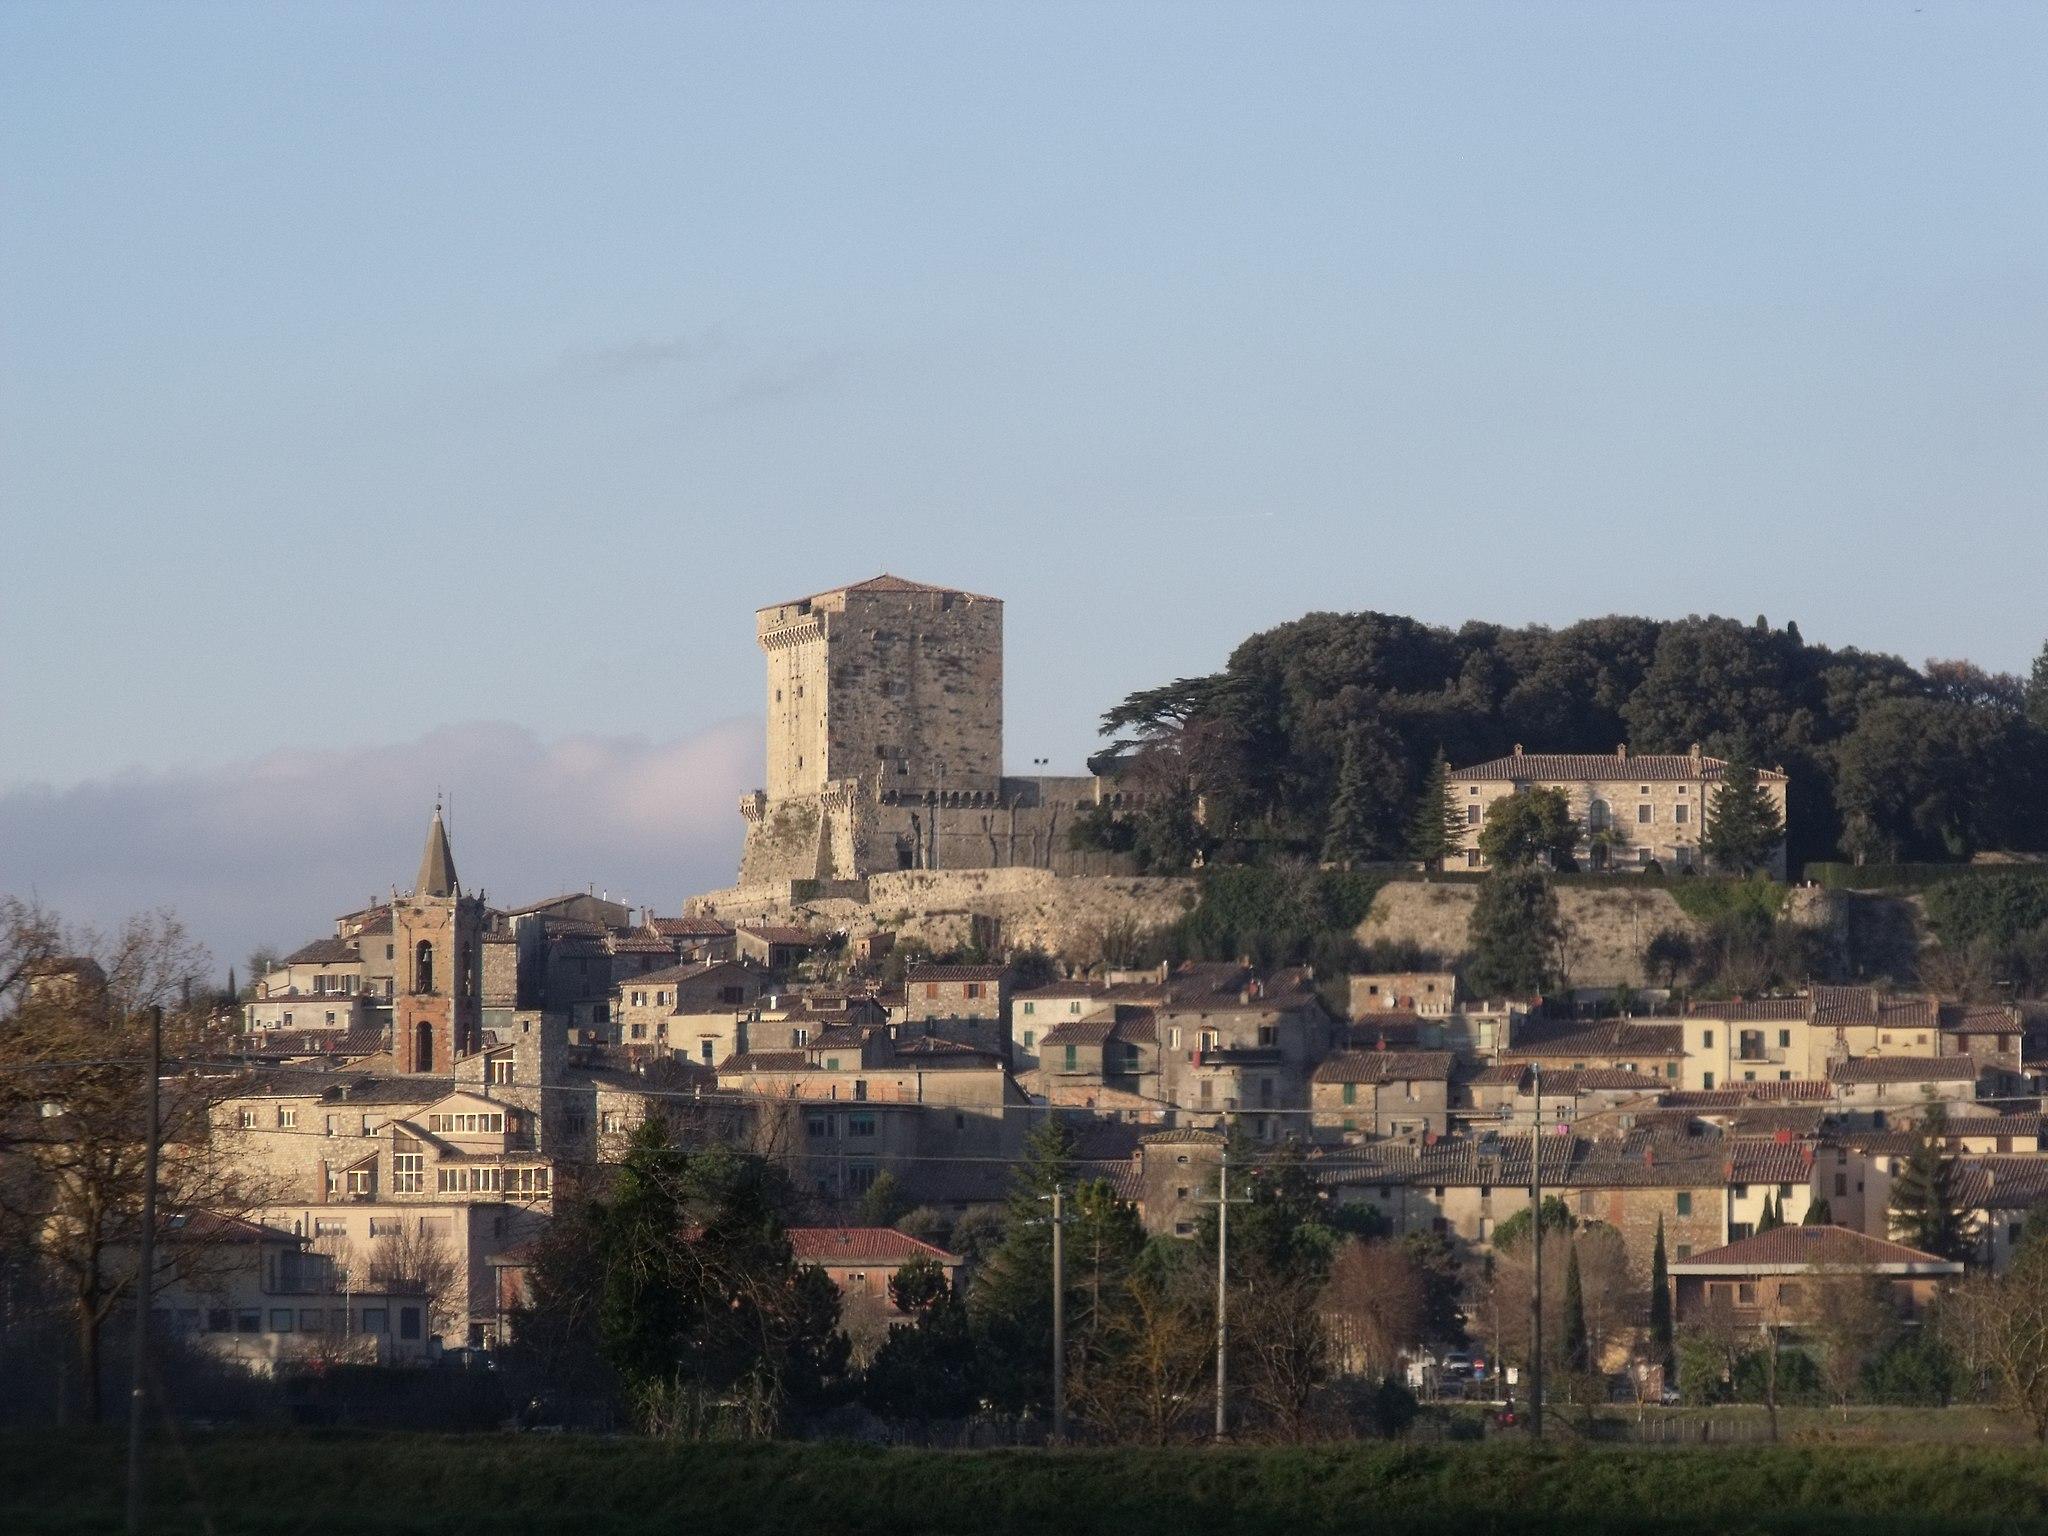 Panorama of Sarteano